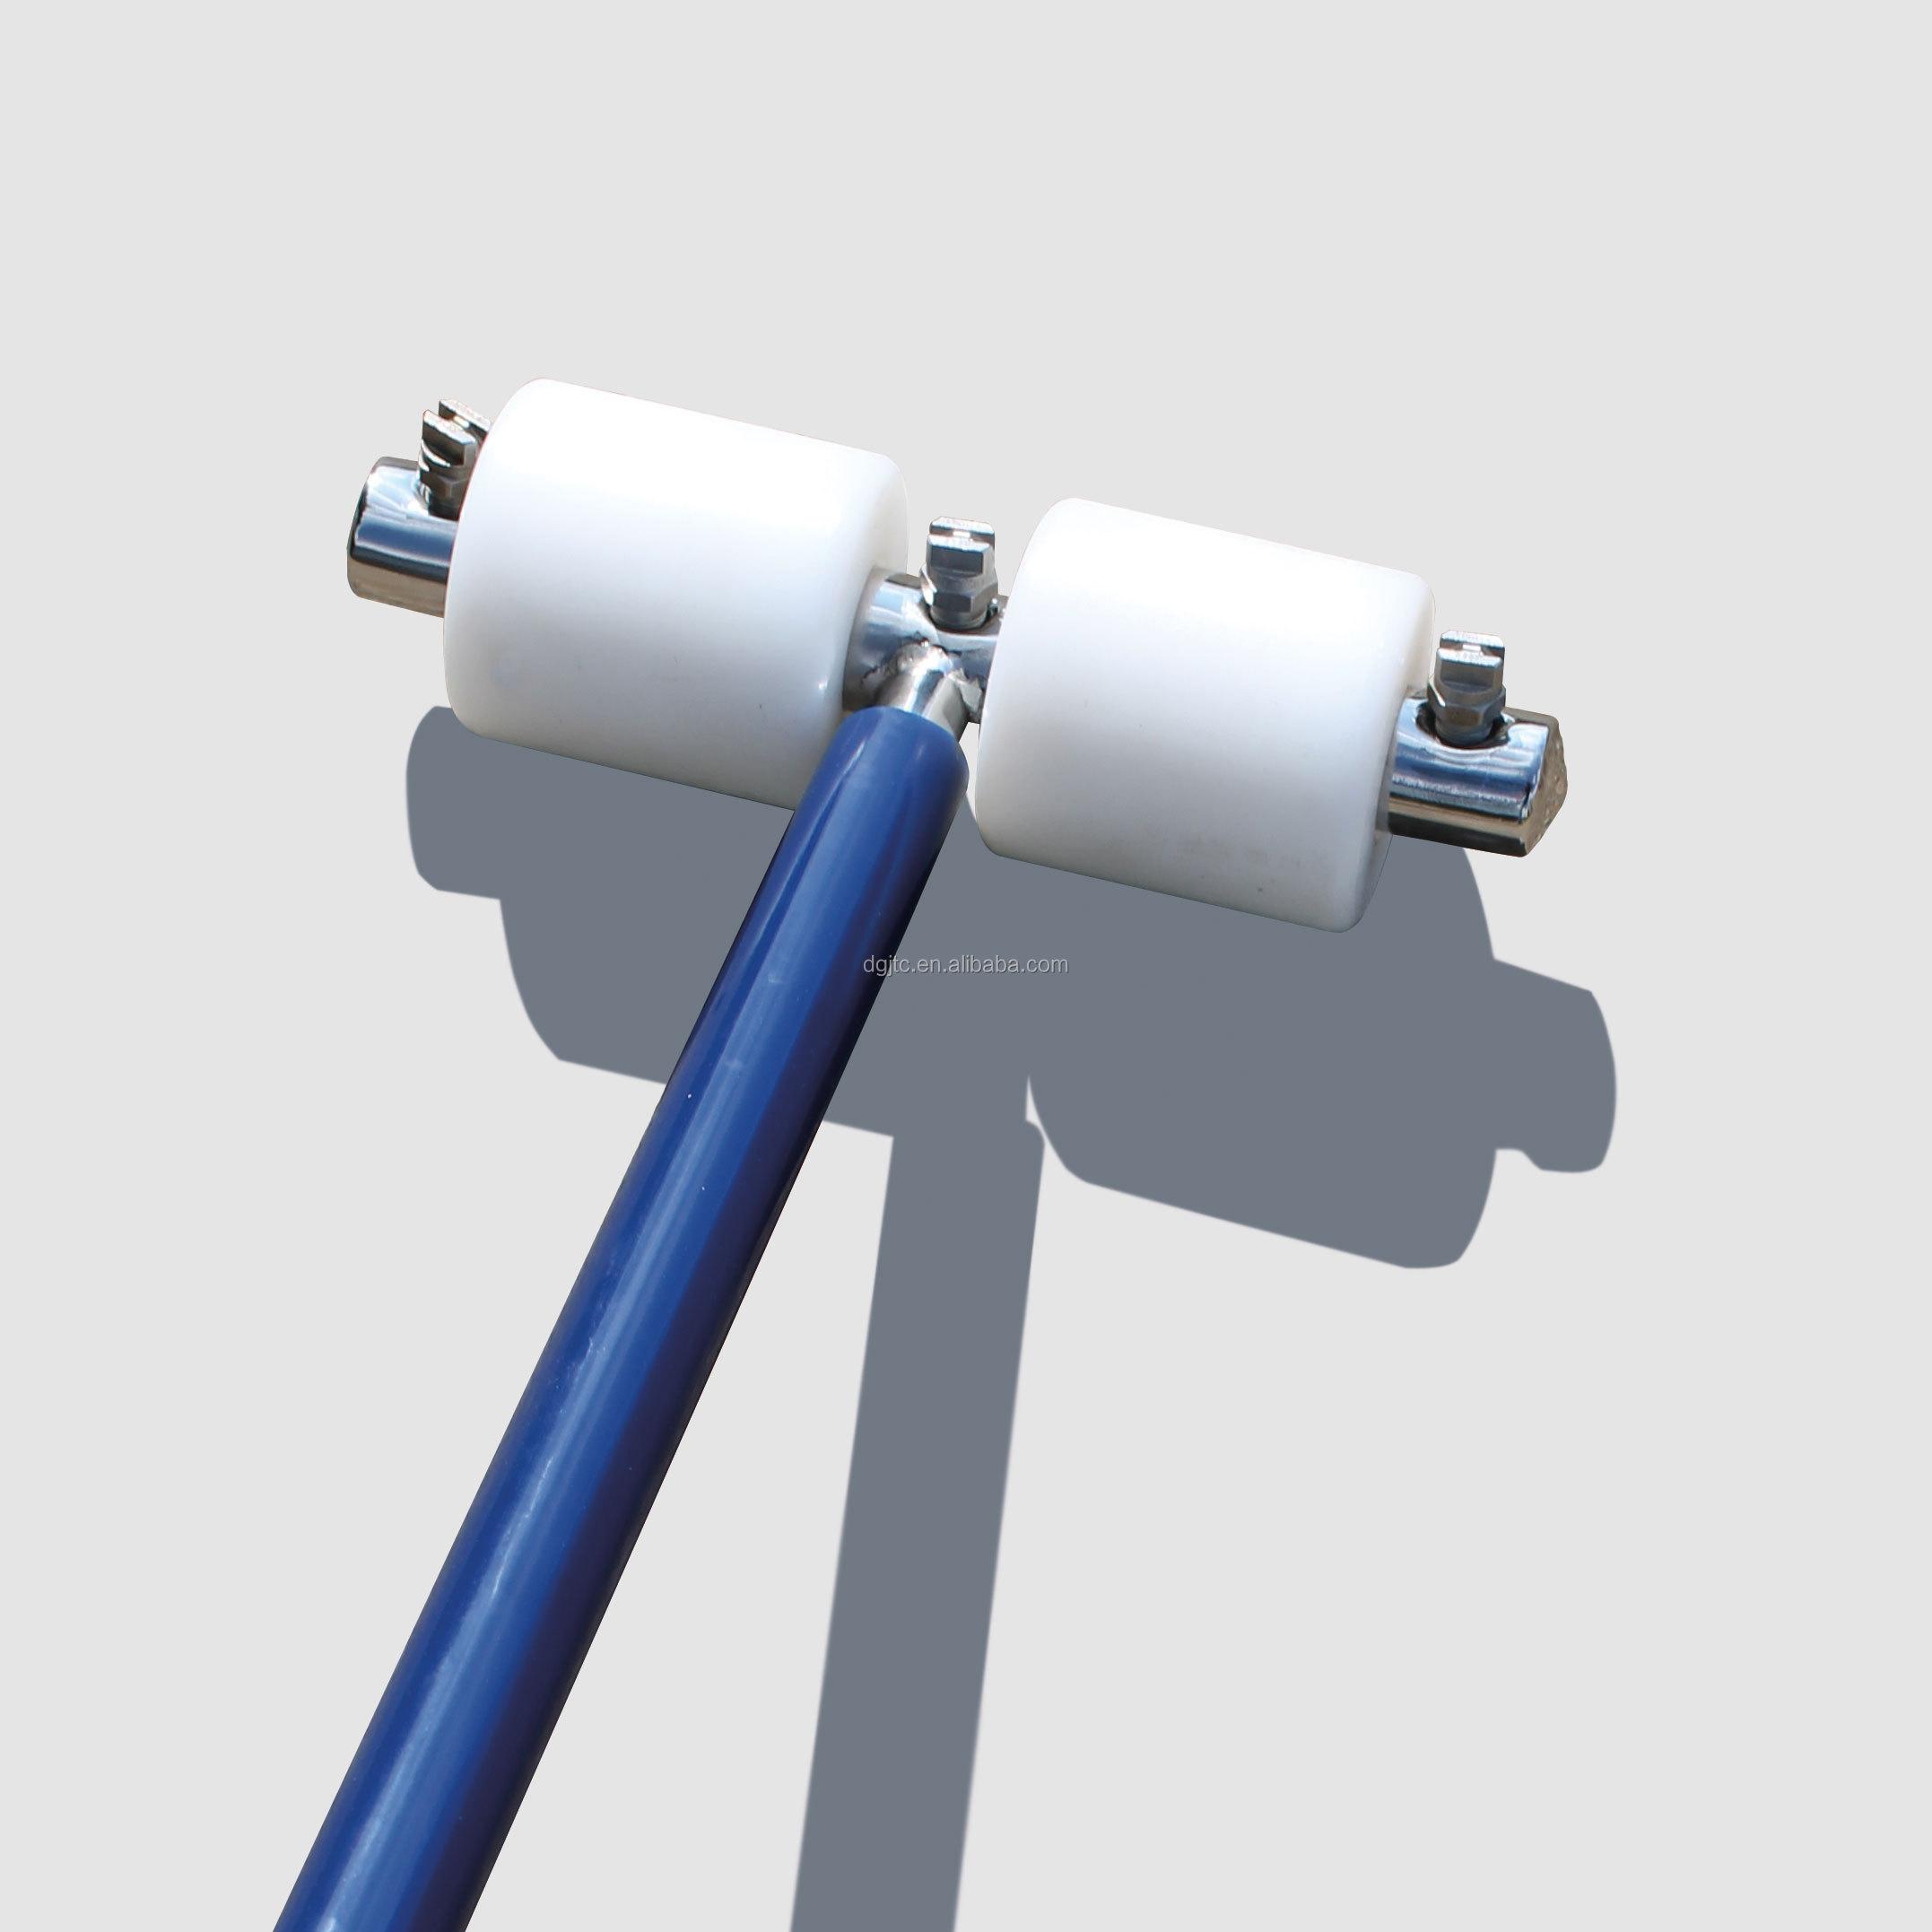 Wholesale water spray nozzle flat fan industrial